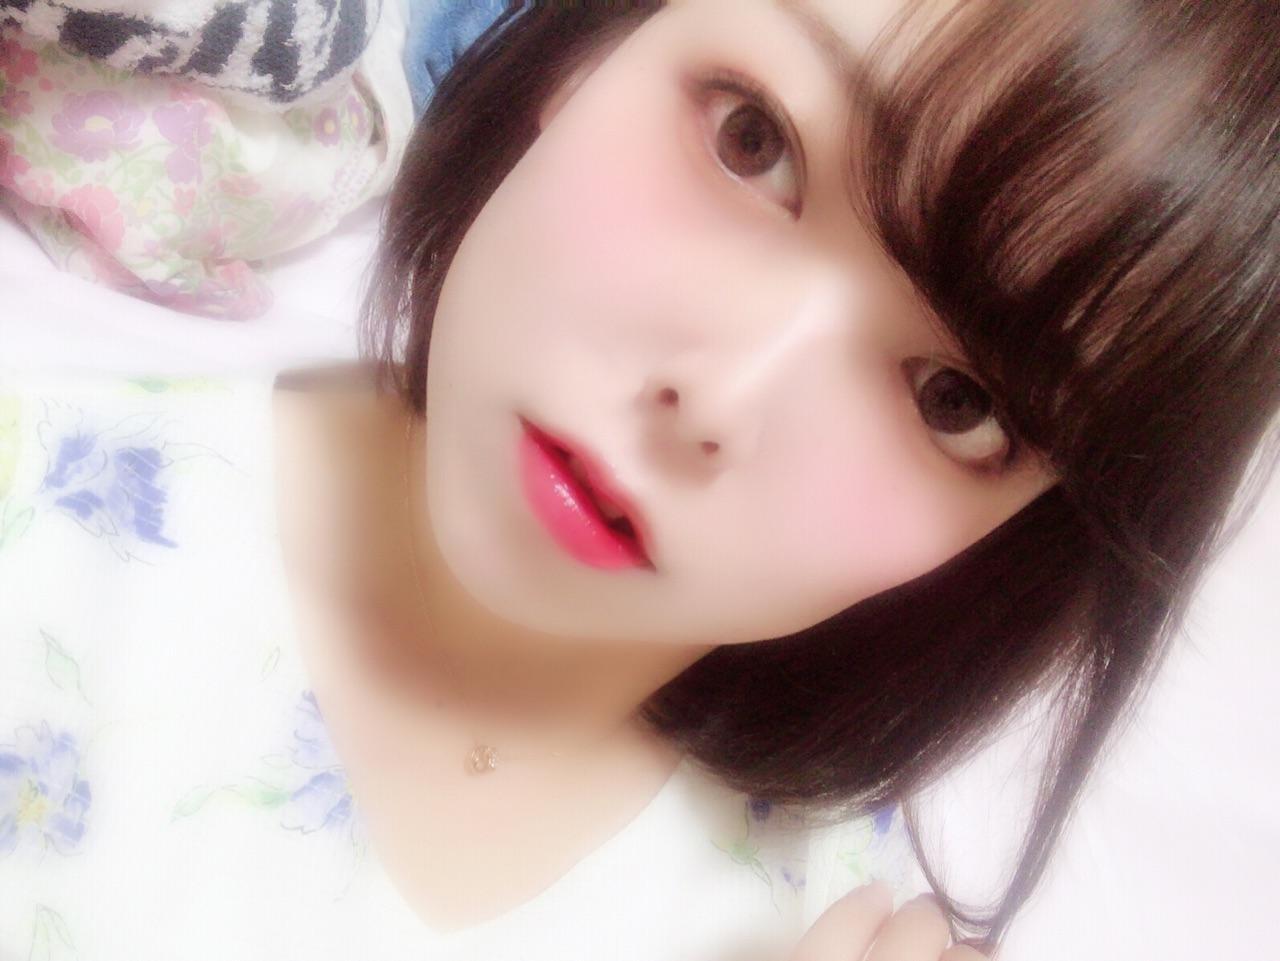 「ご自宅のKさん(*´◒`*)」06/07(06/07) 22:30 | きのぴおの写メ・風俗動画